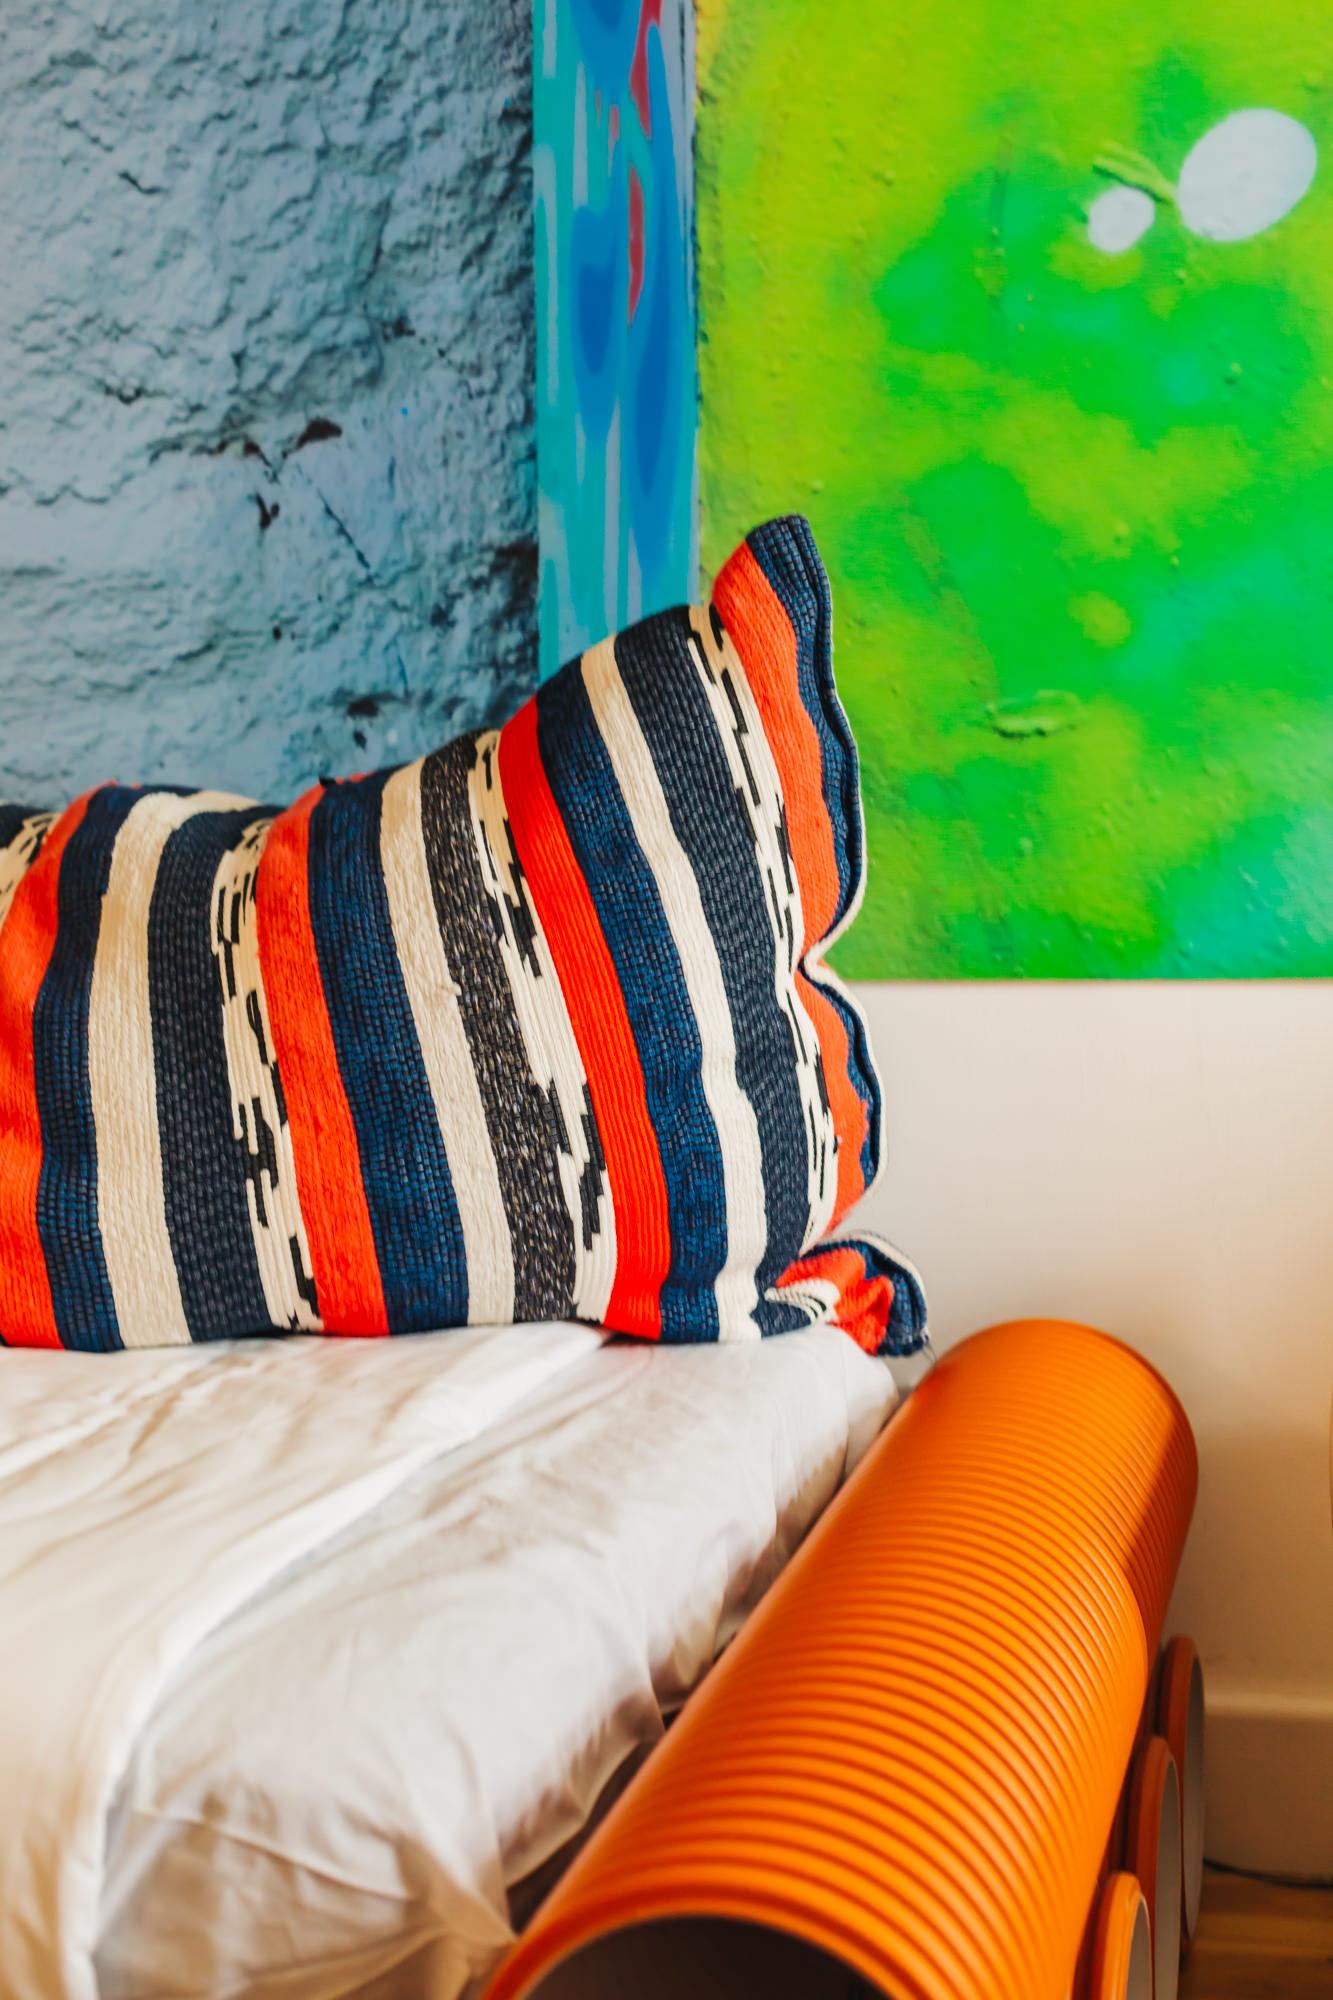 Fun and colorful room at Chiado Arty Flats